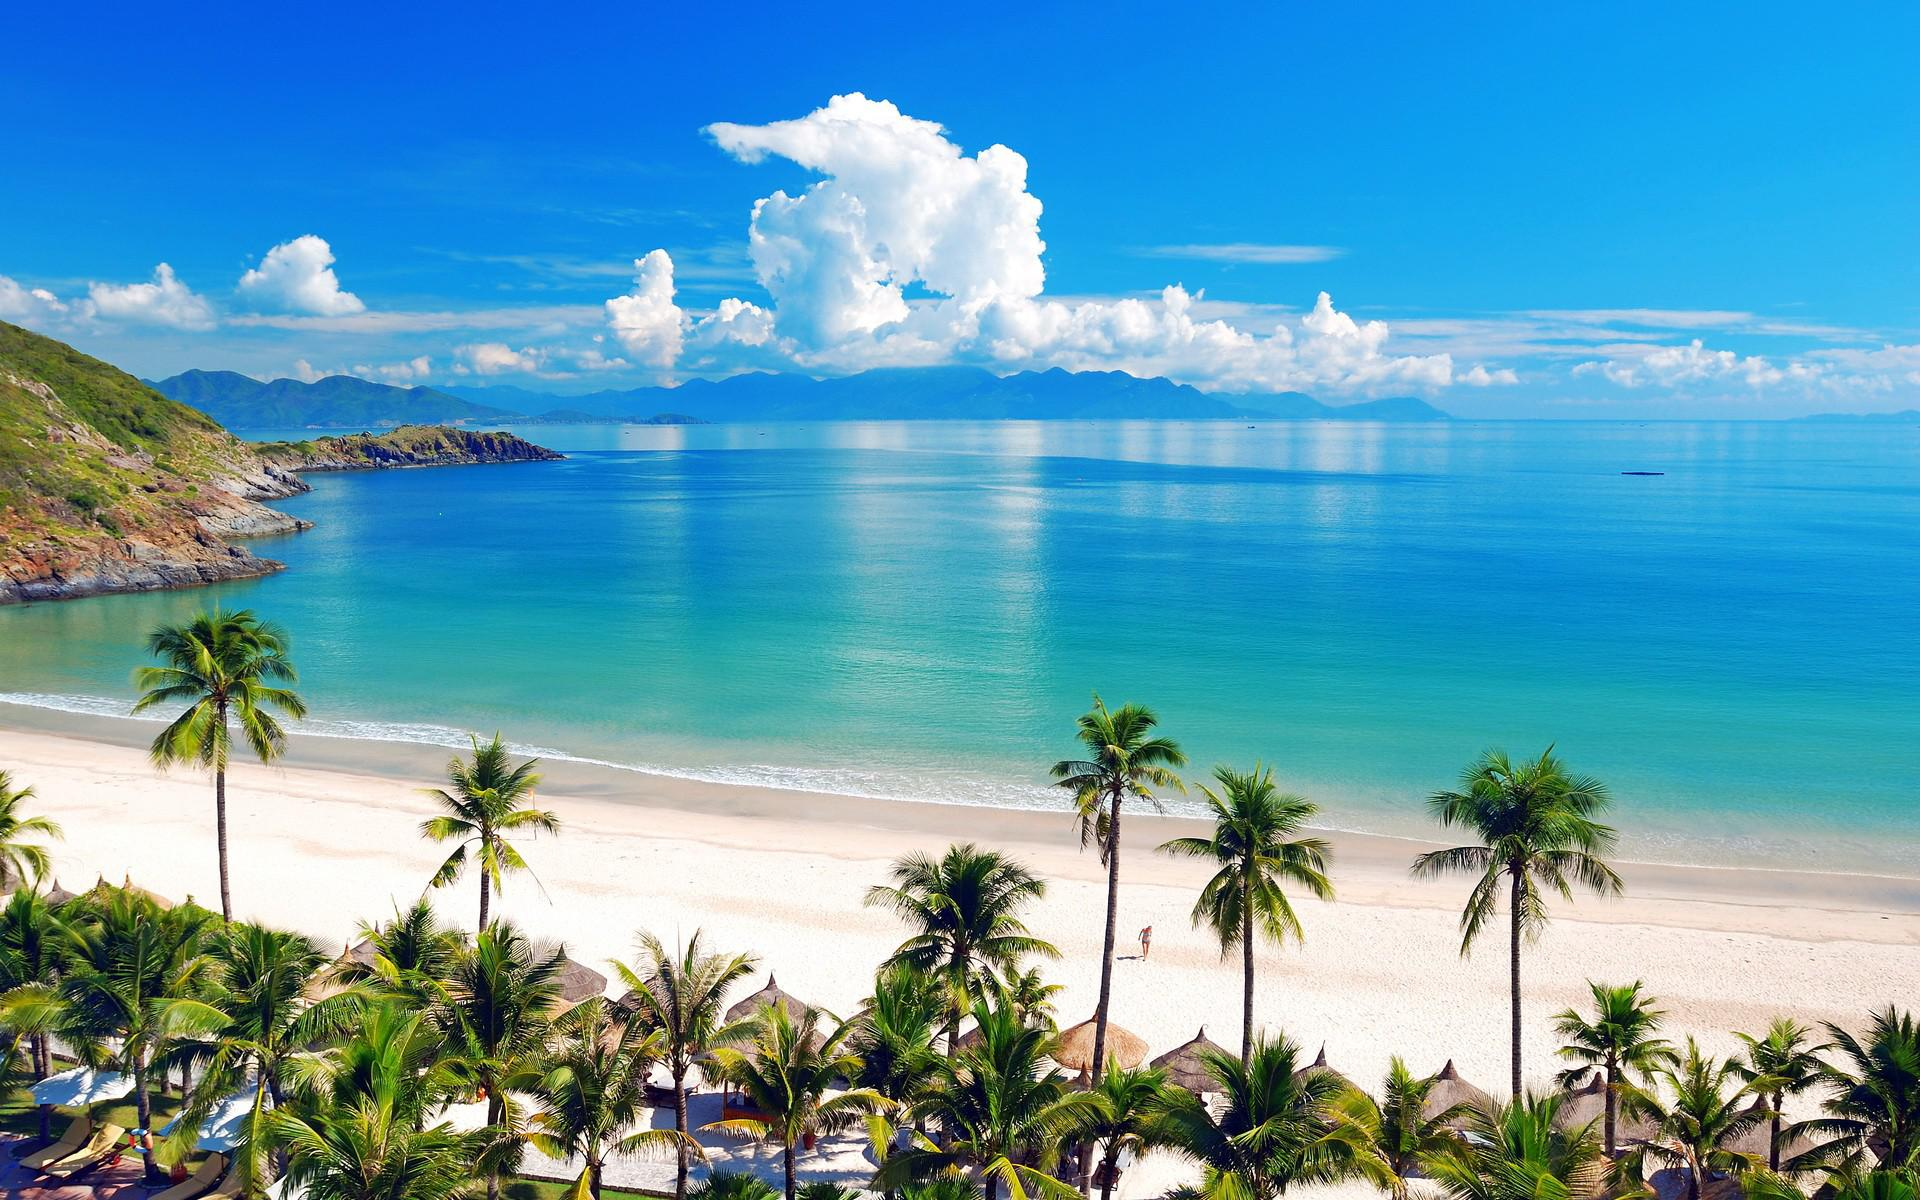 Nha Trang là một bãi biển đẹp khiến du khách phải siêu lòng du ở góc độ nào